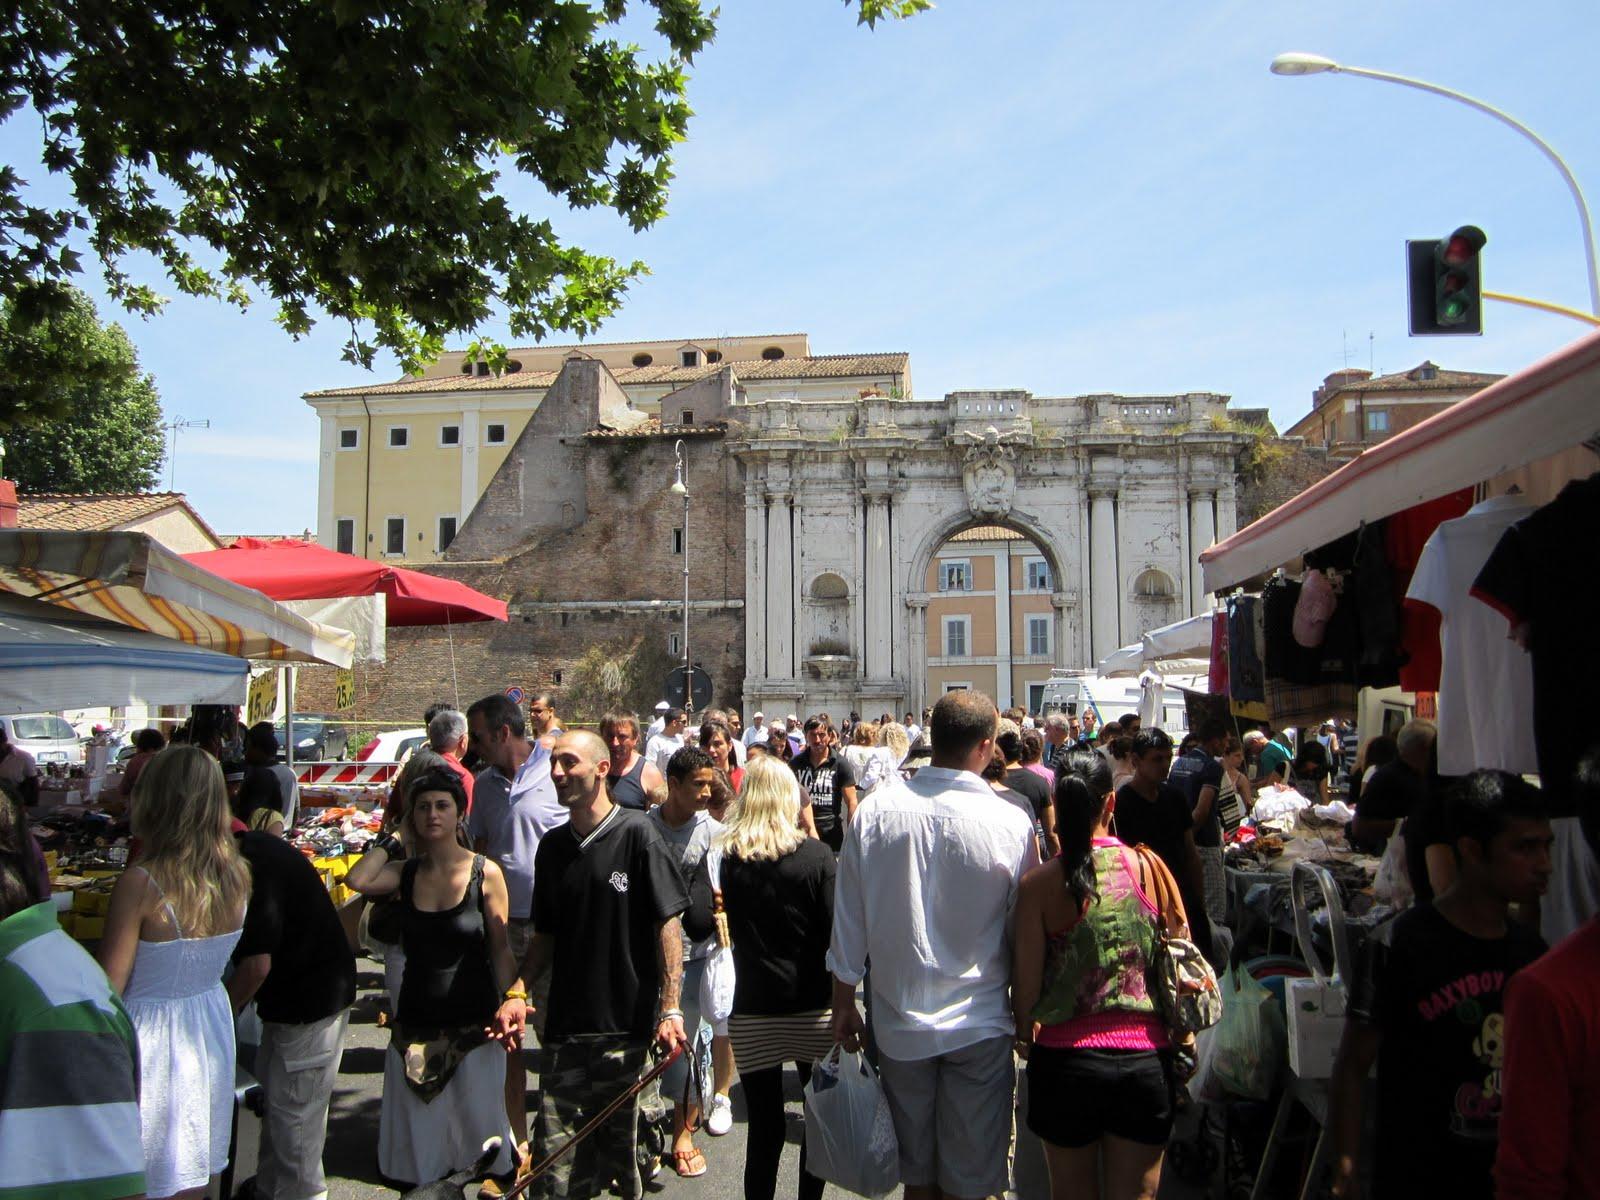 Porta portese tutte le strade portano al mercato delle pulci - Porta portese milano ...